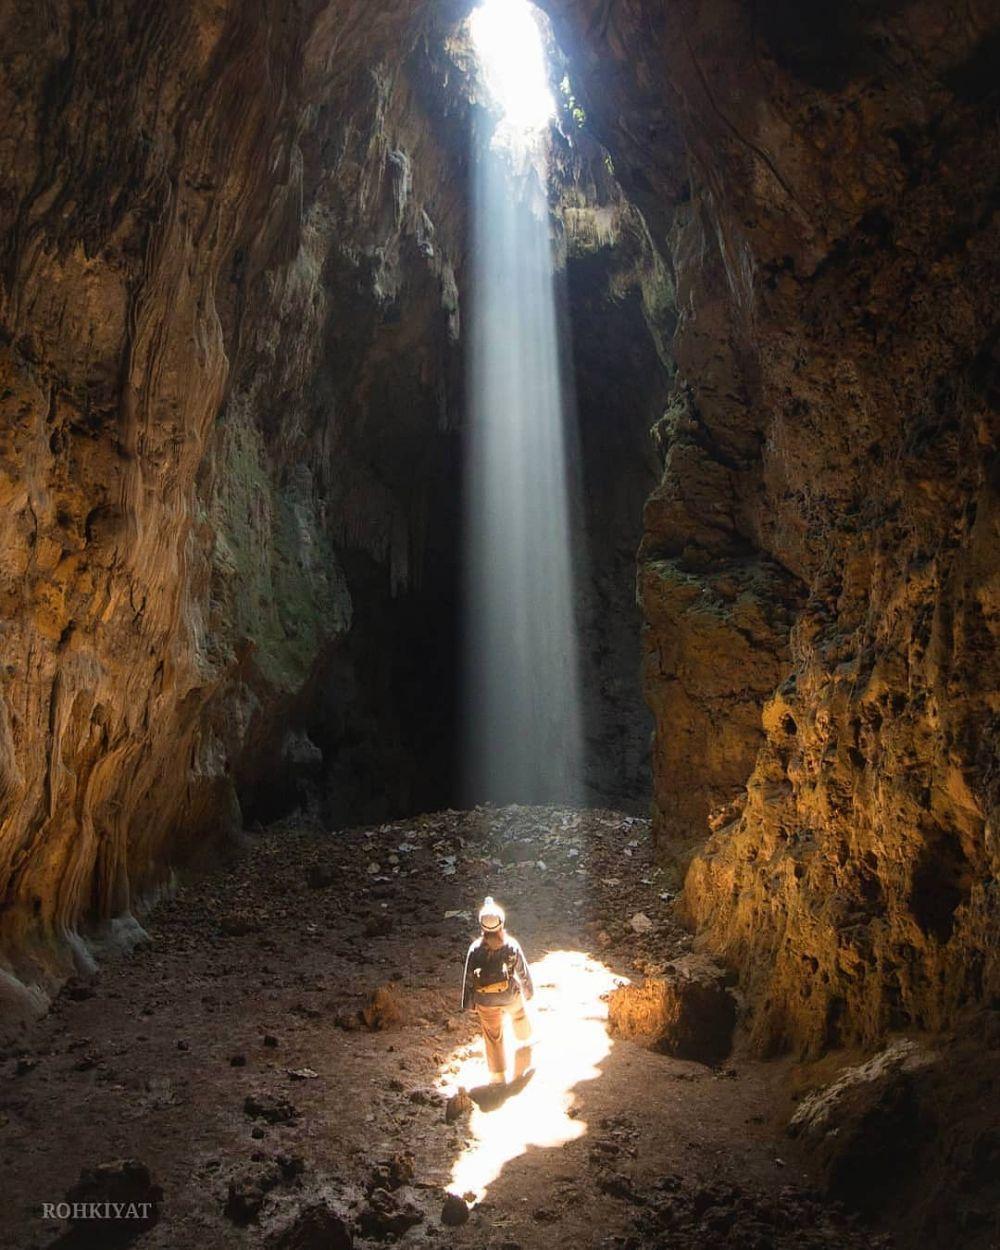 10 Destinasi wisata gua di Jogja keren dan hits Instagram